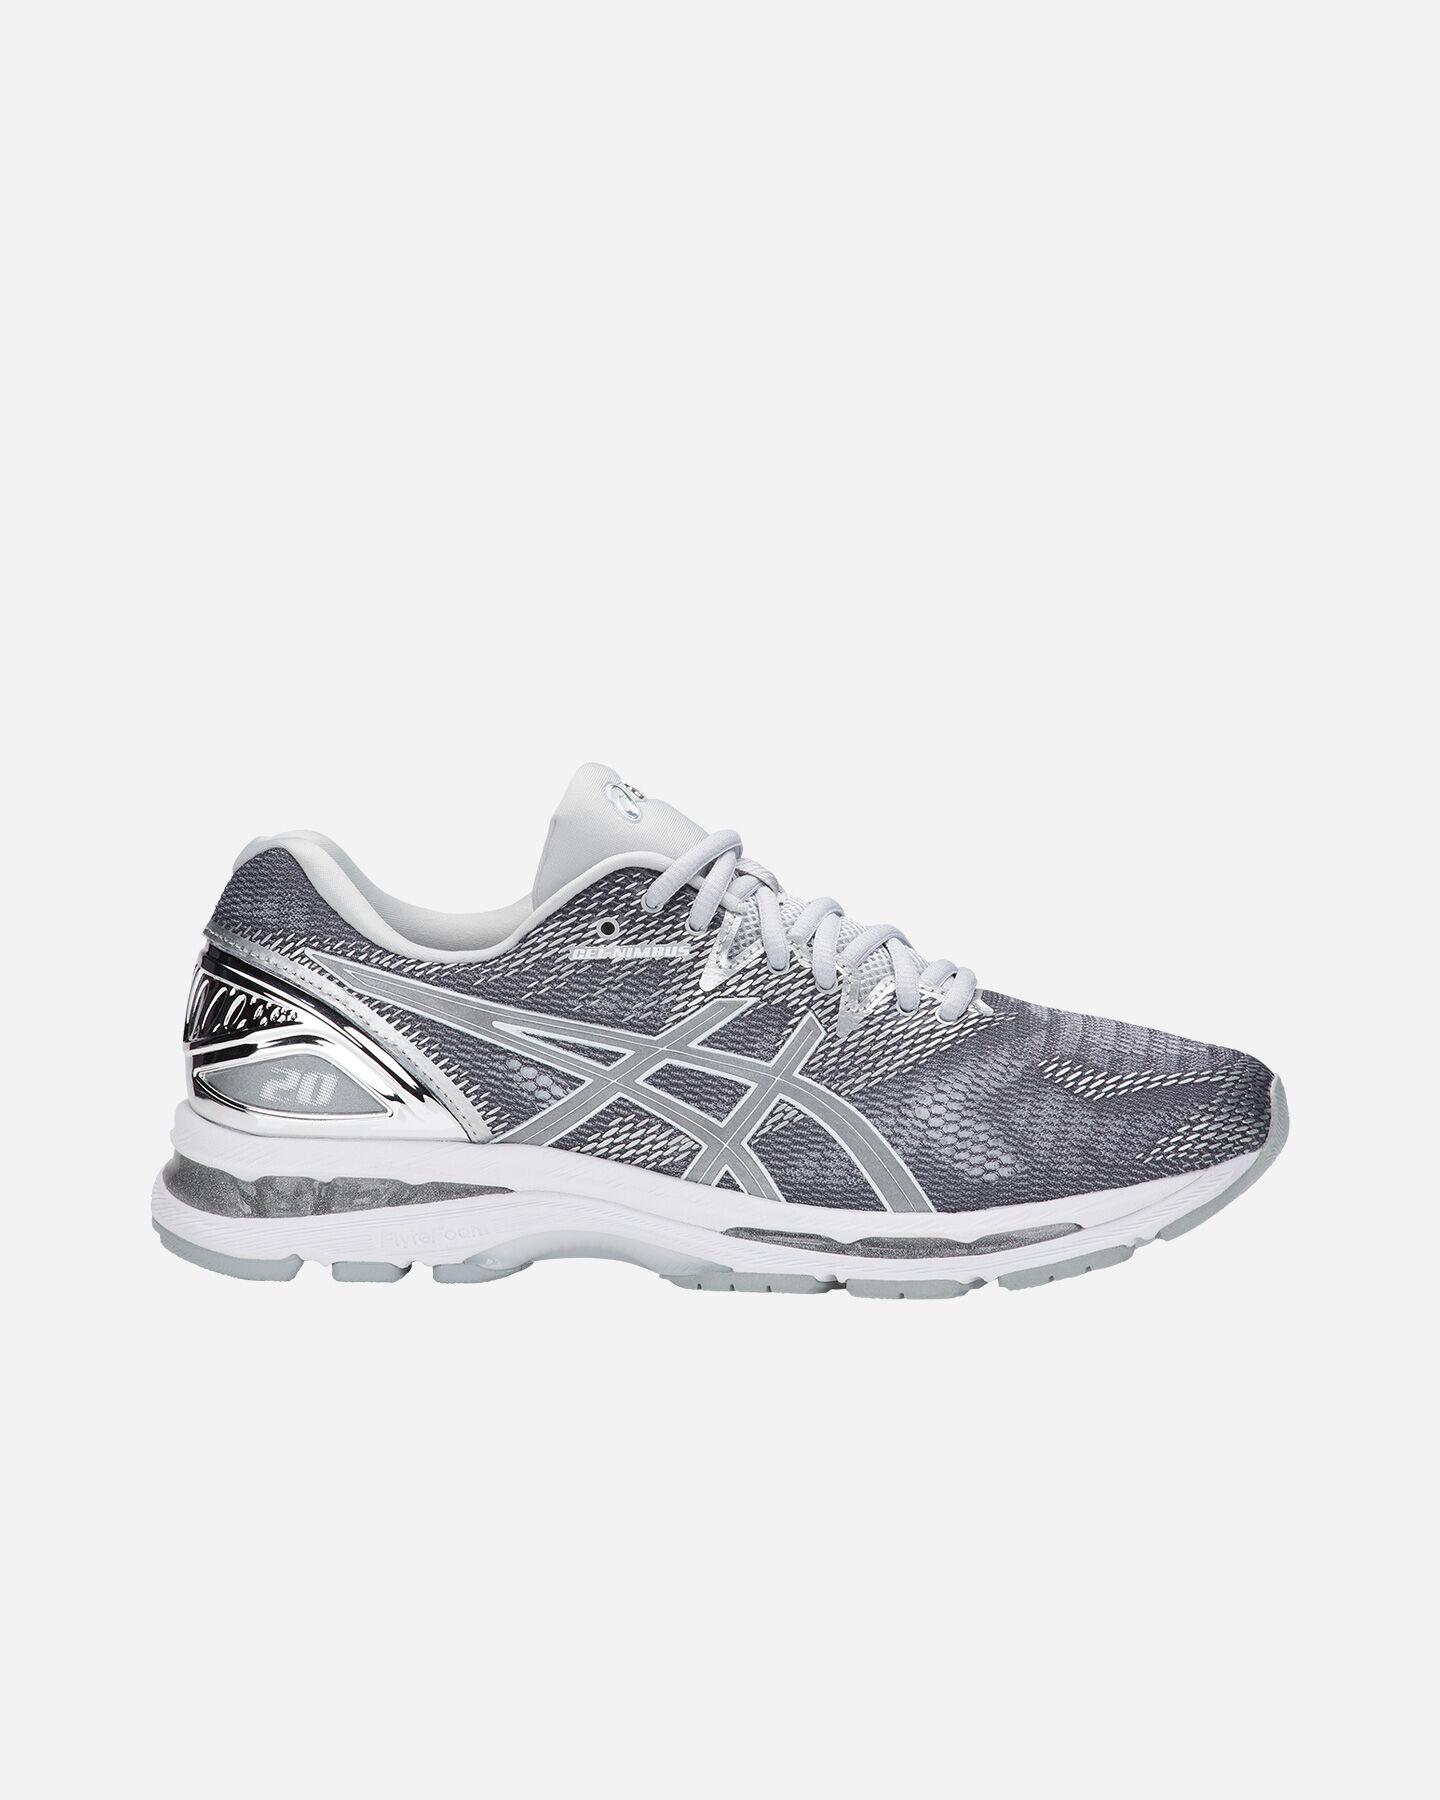 scarpe da running nike a2